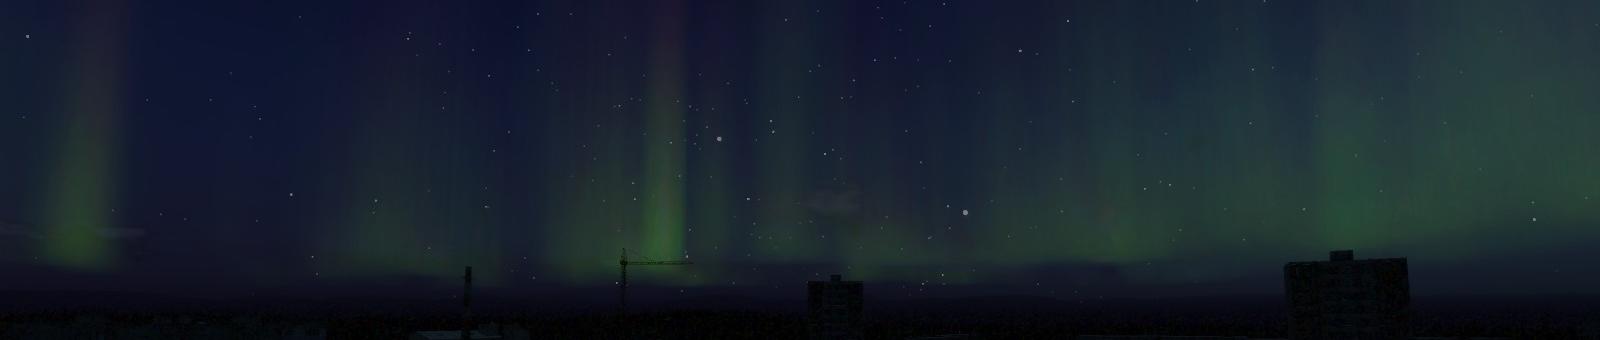 nam_event_aurora.png